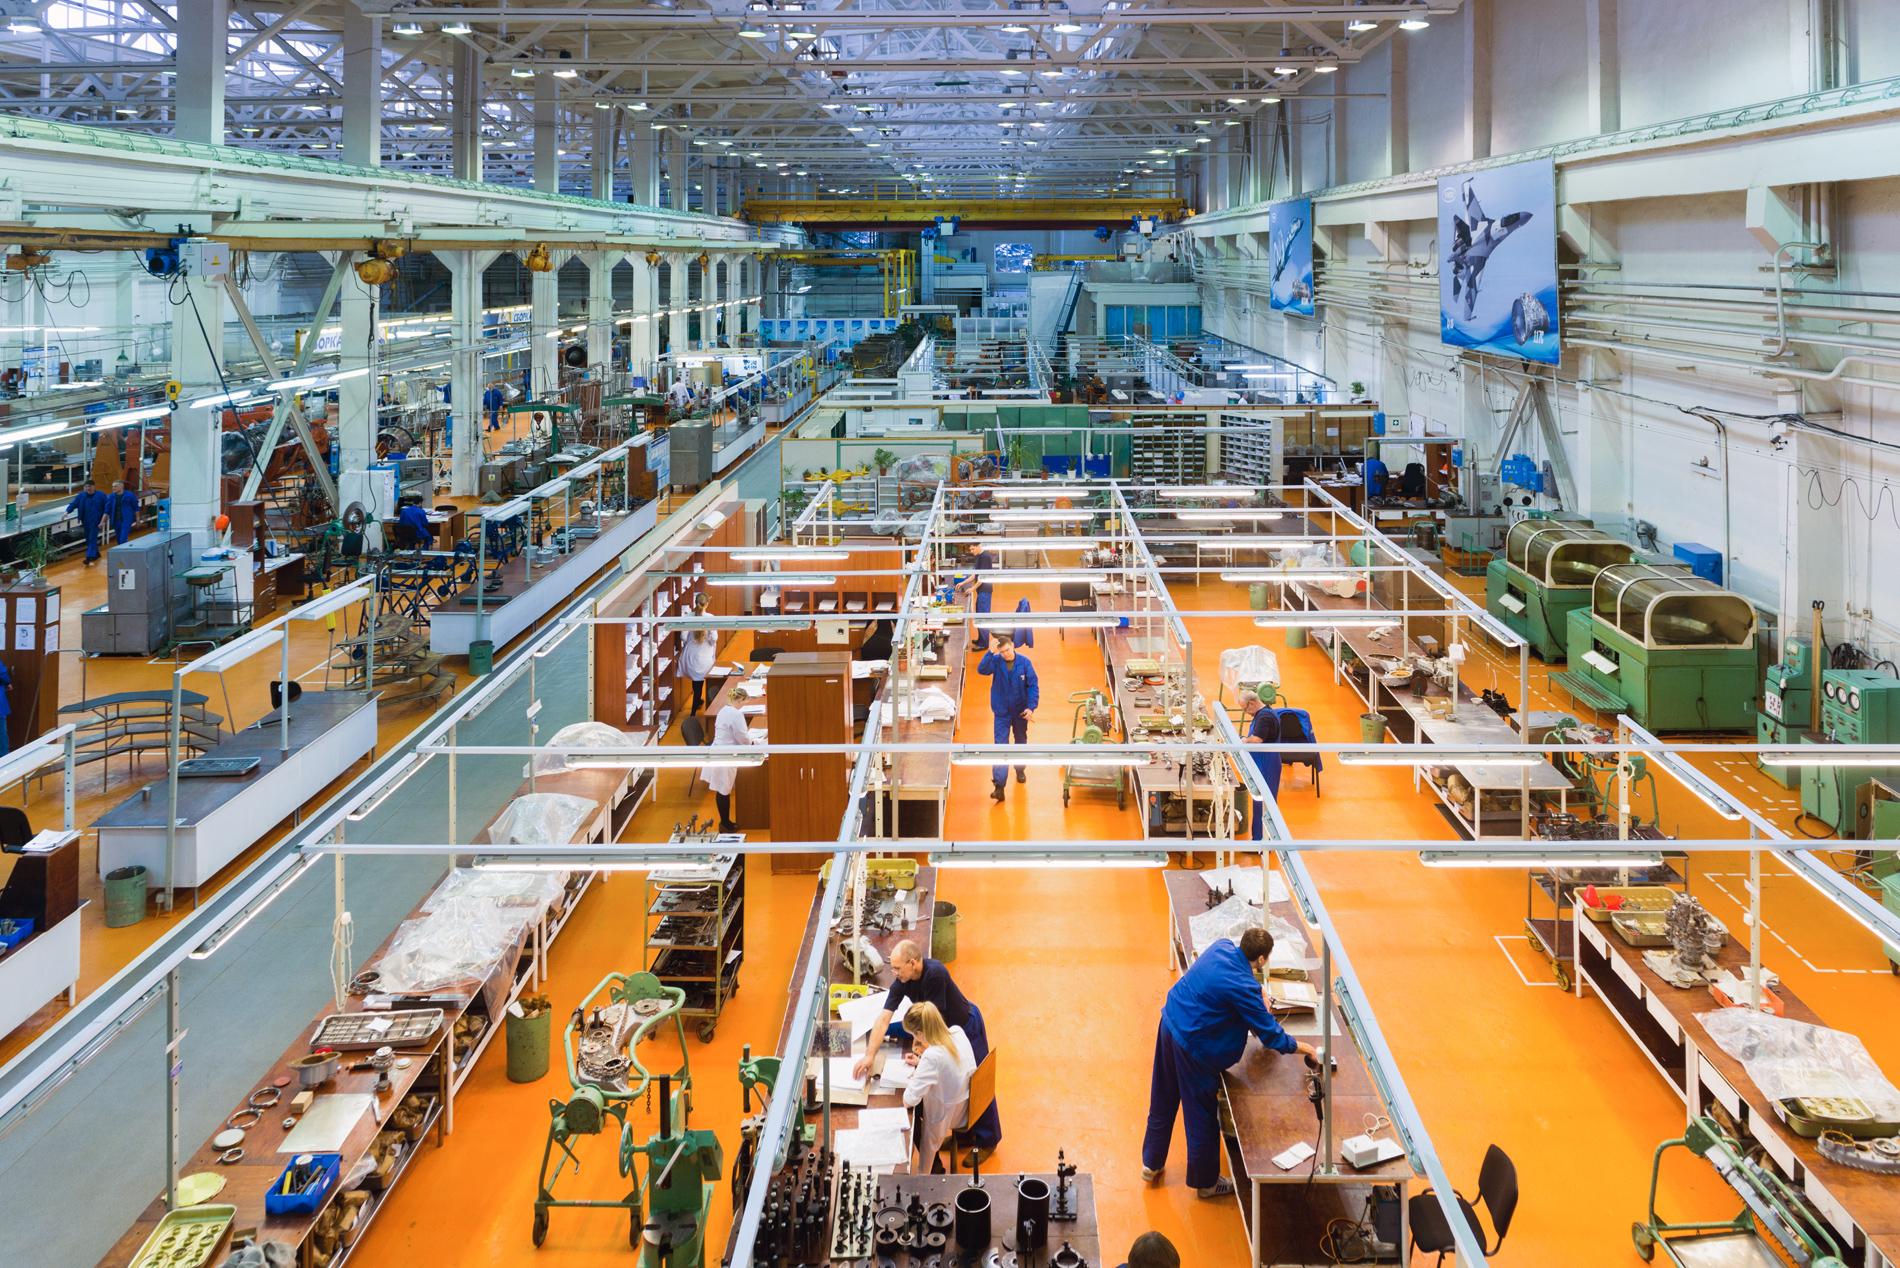 Новый центр по производству узлов вертолетных двигателей на базе ОДК-УМПО d248b30ed045ea14ca82afaee3dadc30